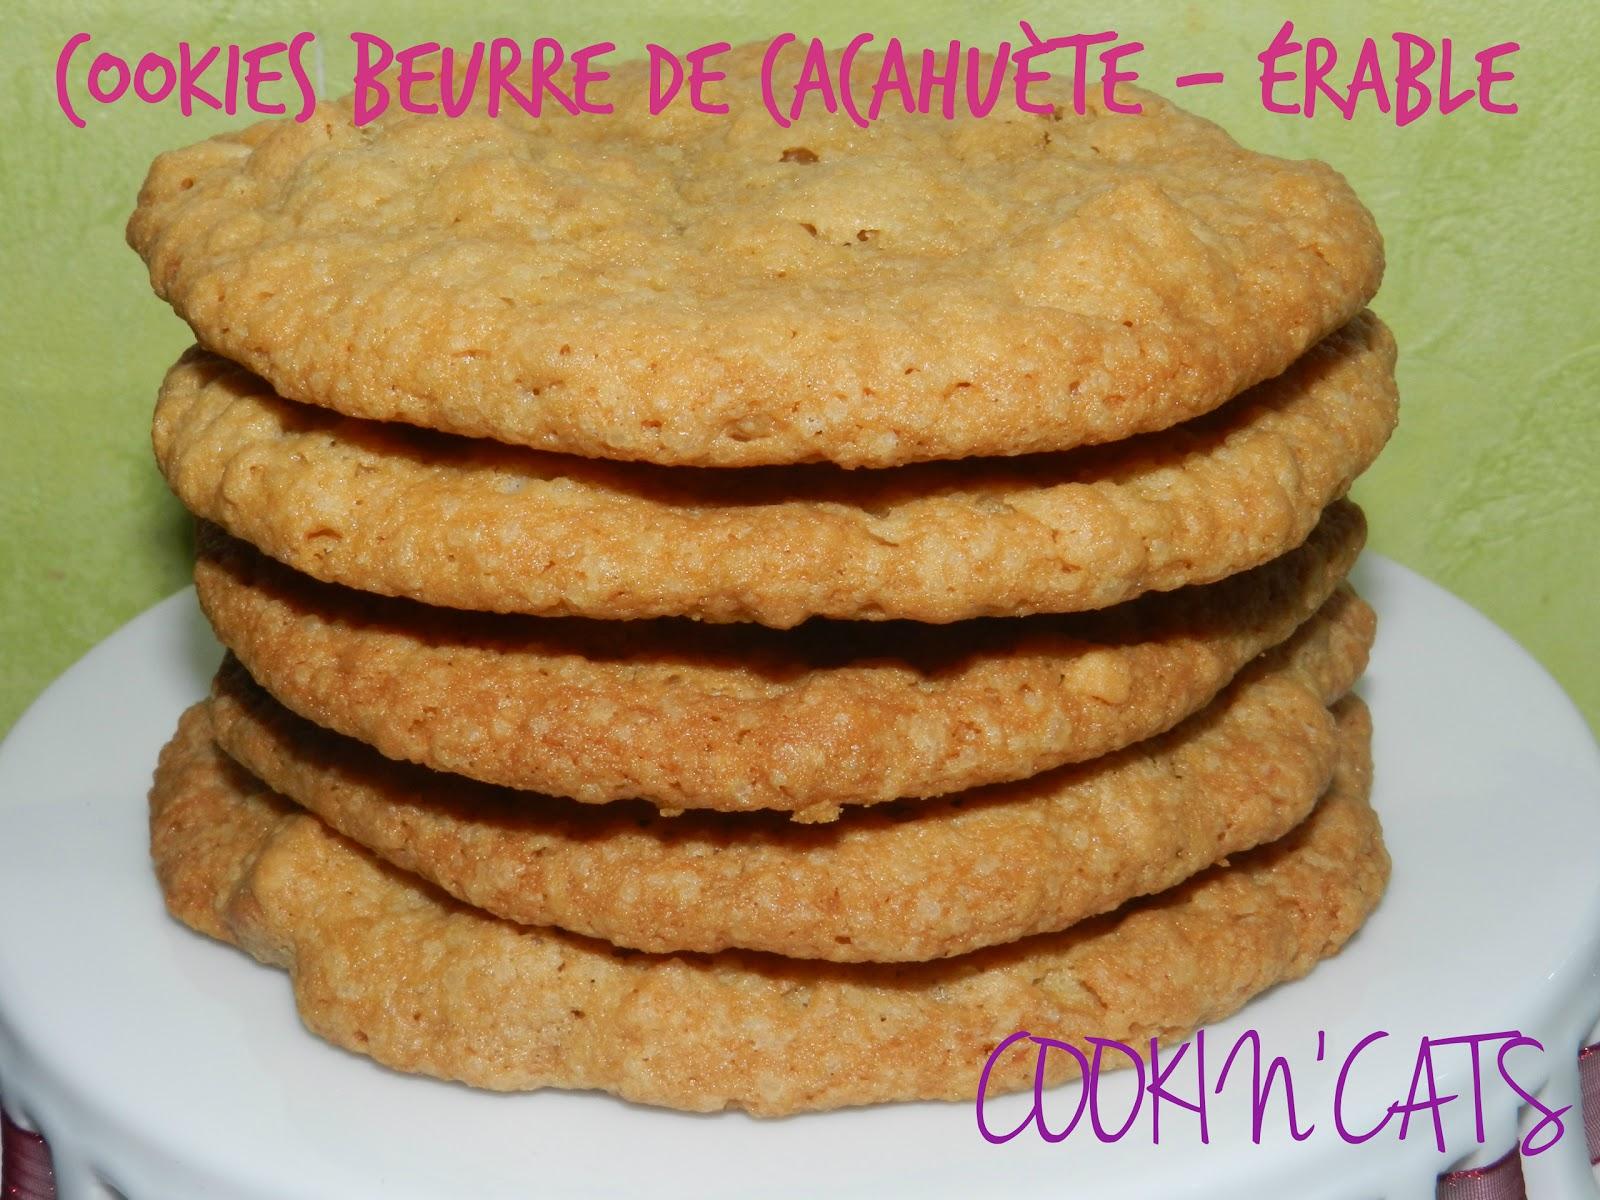 Cookies beurre de cacahuete erable sans lait sans gluten - Cookies beurre de cacahuete ...